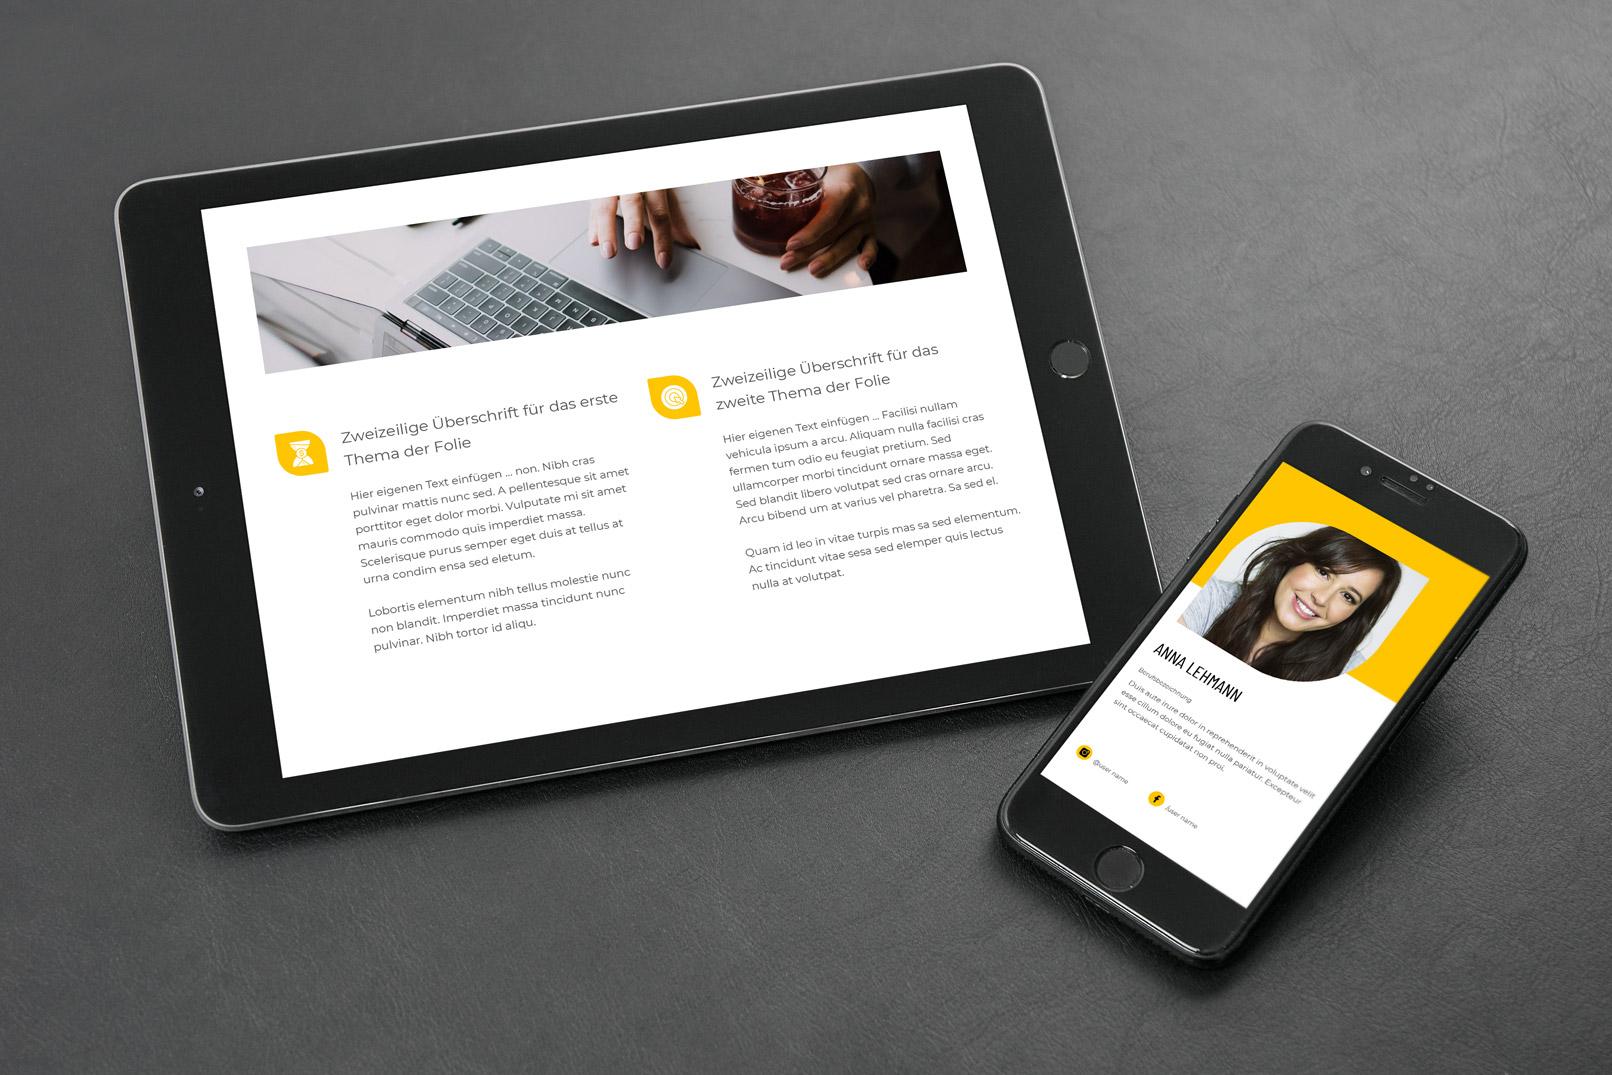 Template für eine Folie in Google Slides, dargestellt auf einem Tablet und einem Smartphone